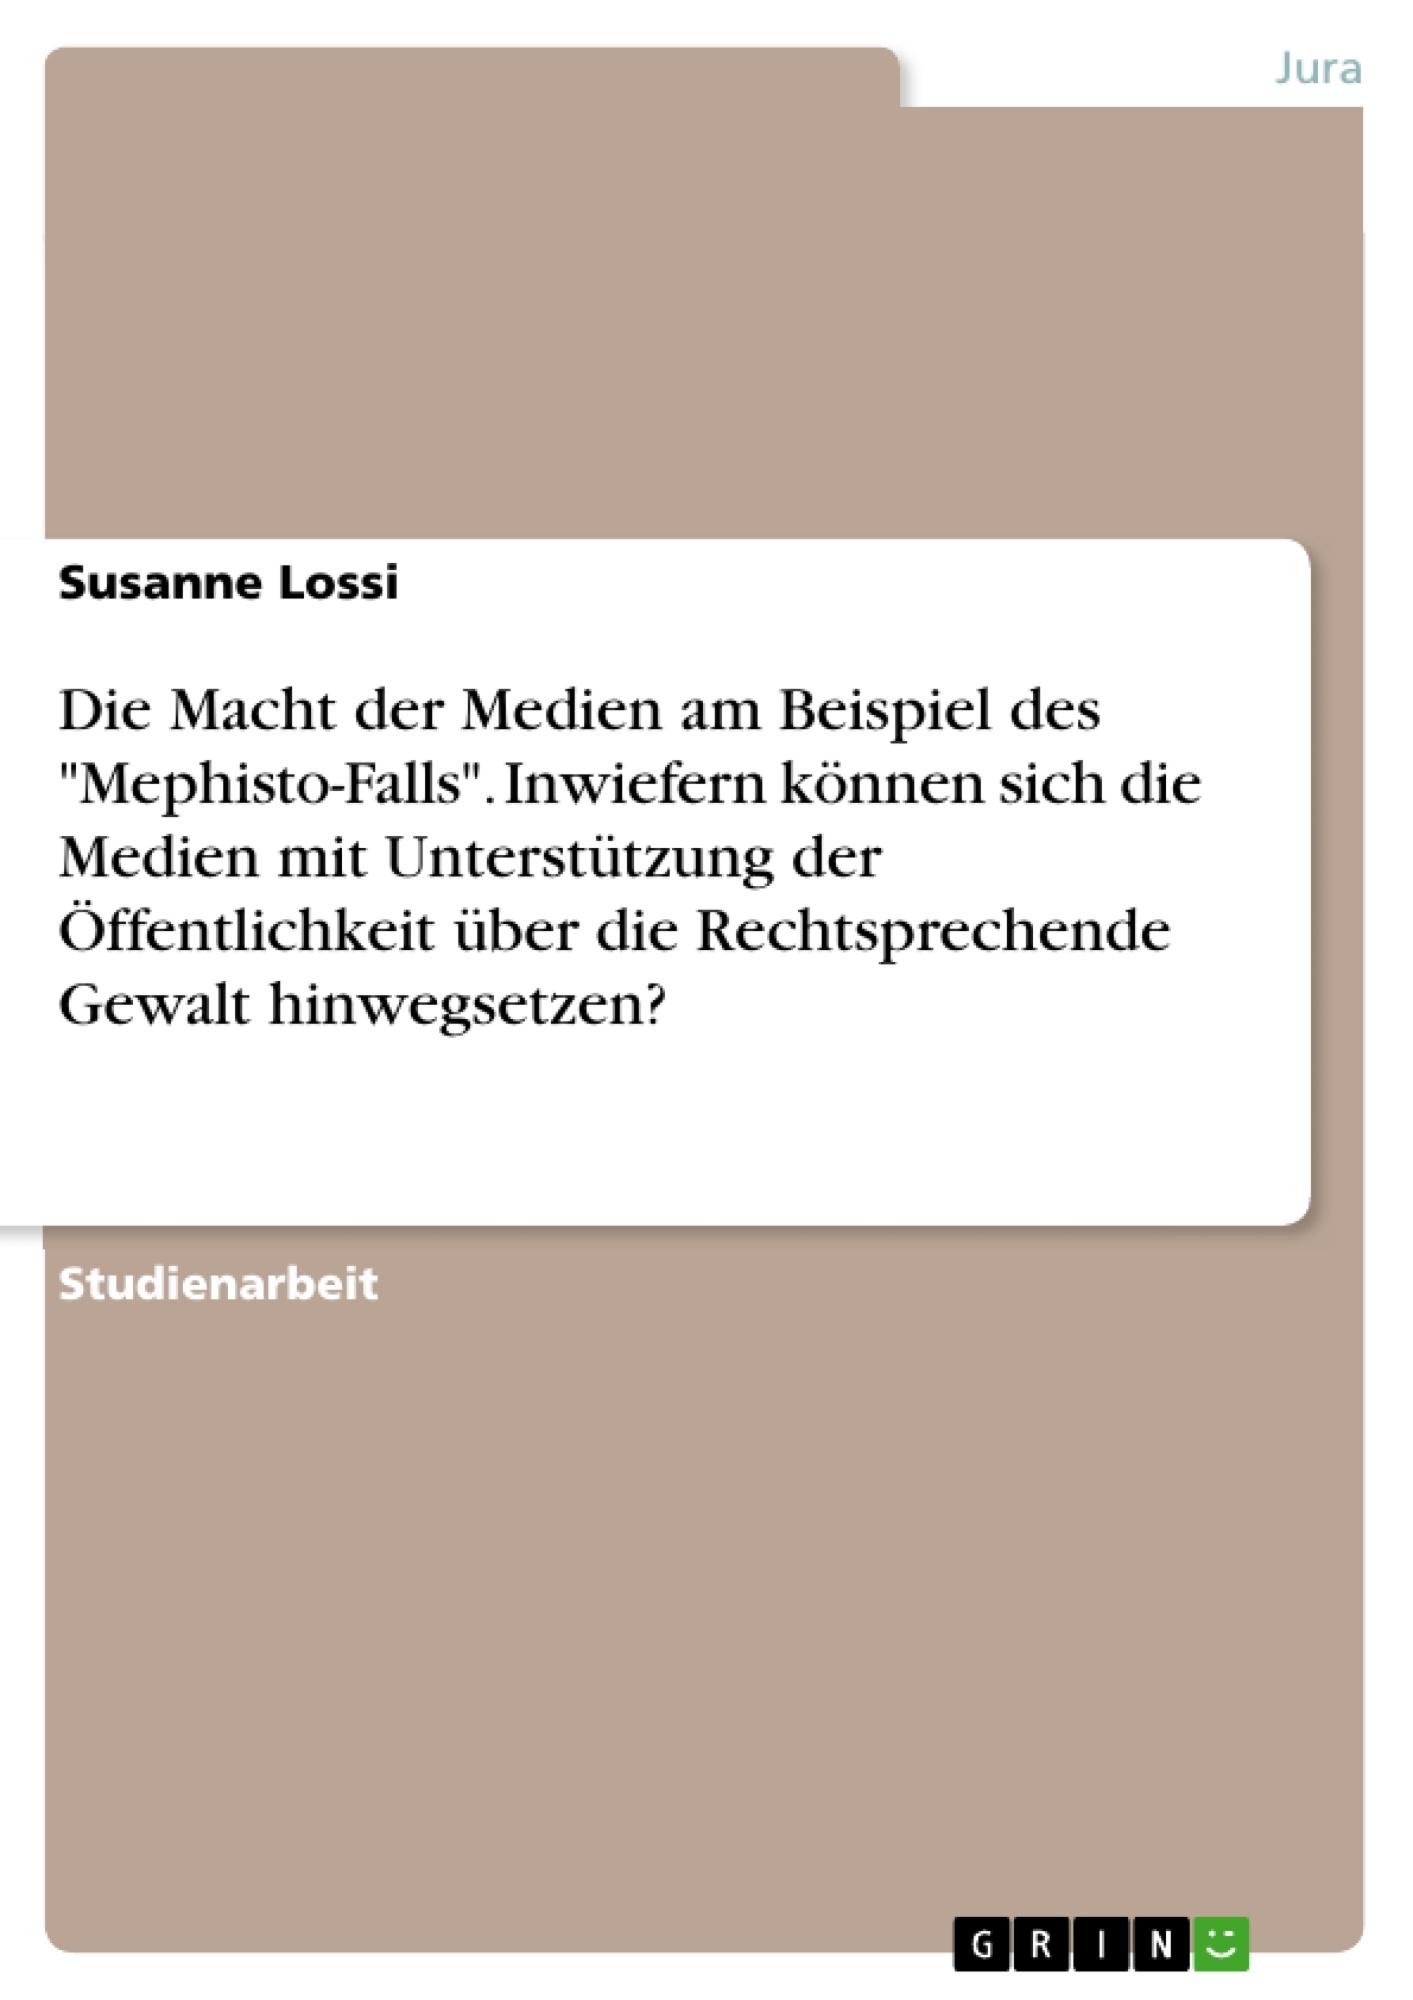 """Titel: Die Macht der Medien am Beispiel des """"Mephisto-Falls"""". Inwiefern können sich die Medien mit Unterstützung der Öffentlichkeit über die Rechtsprechende Gewalt hinwegsetzen?"""